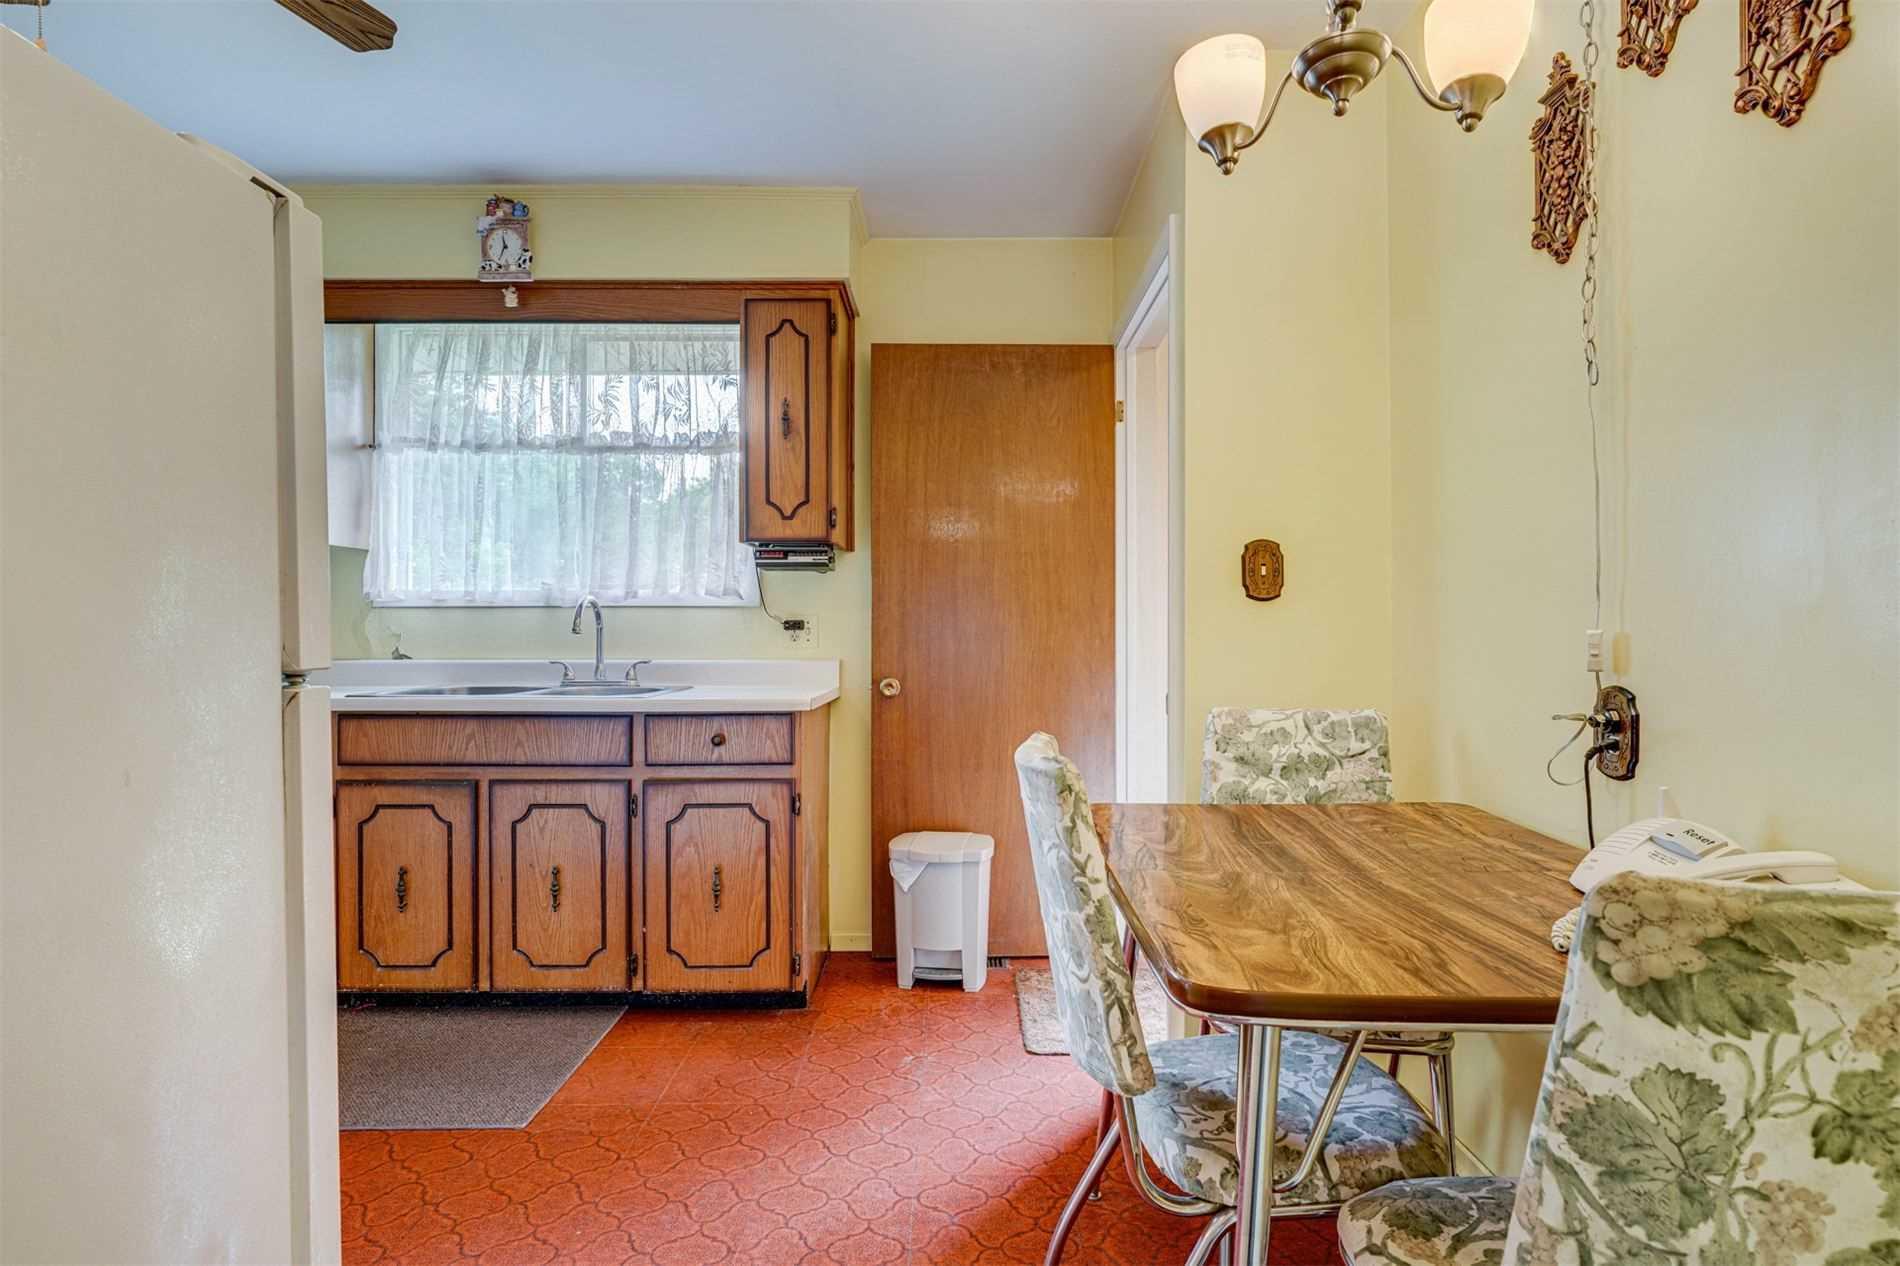 4189 Brock Rd - Uxbridge Detached for sale, 3 Bedrooms (N5311768) - #18